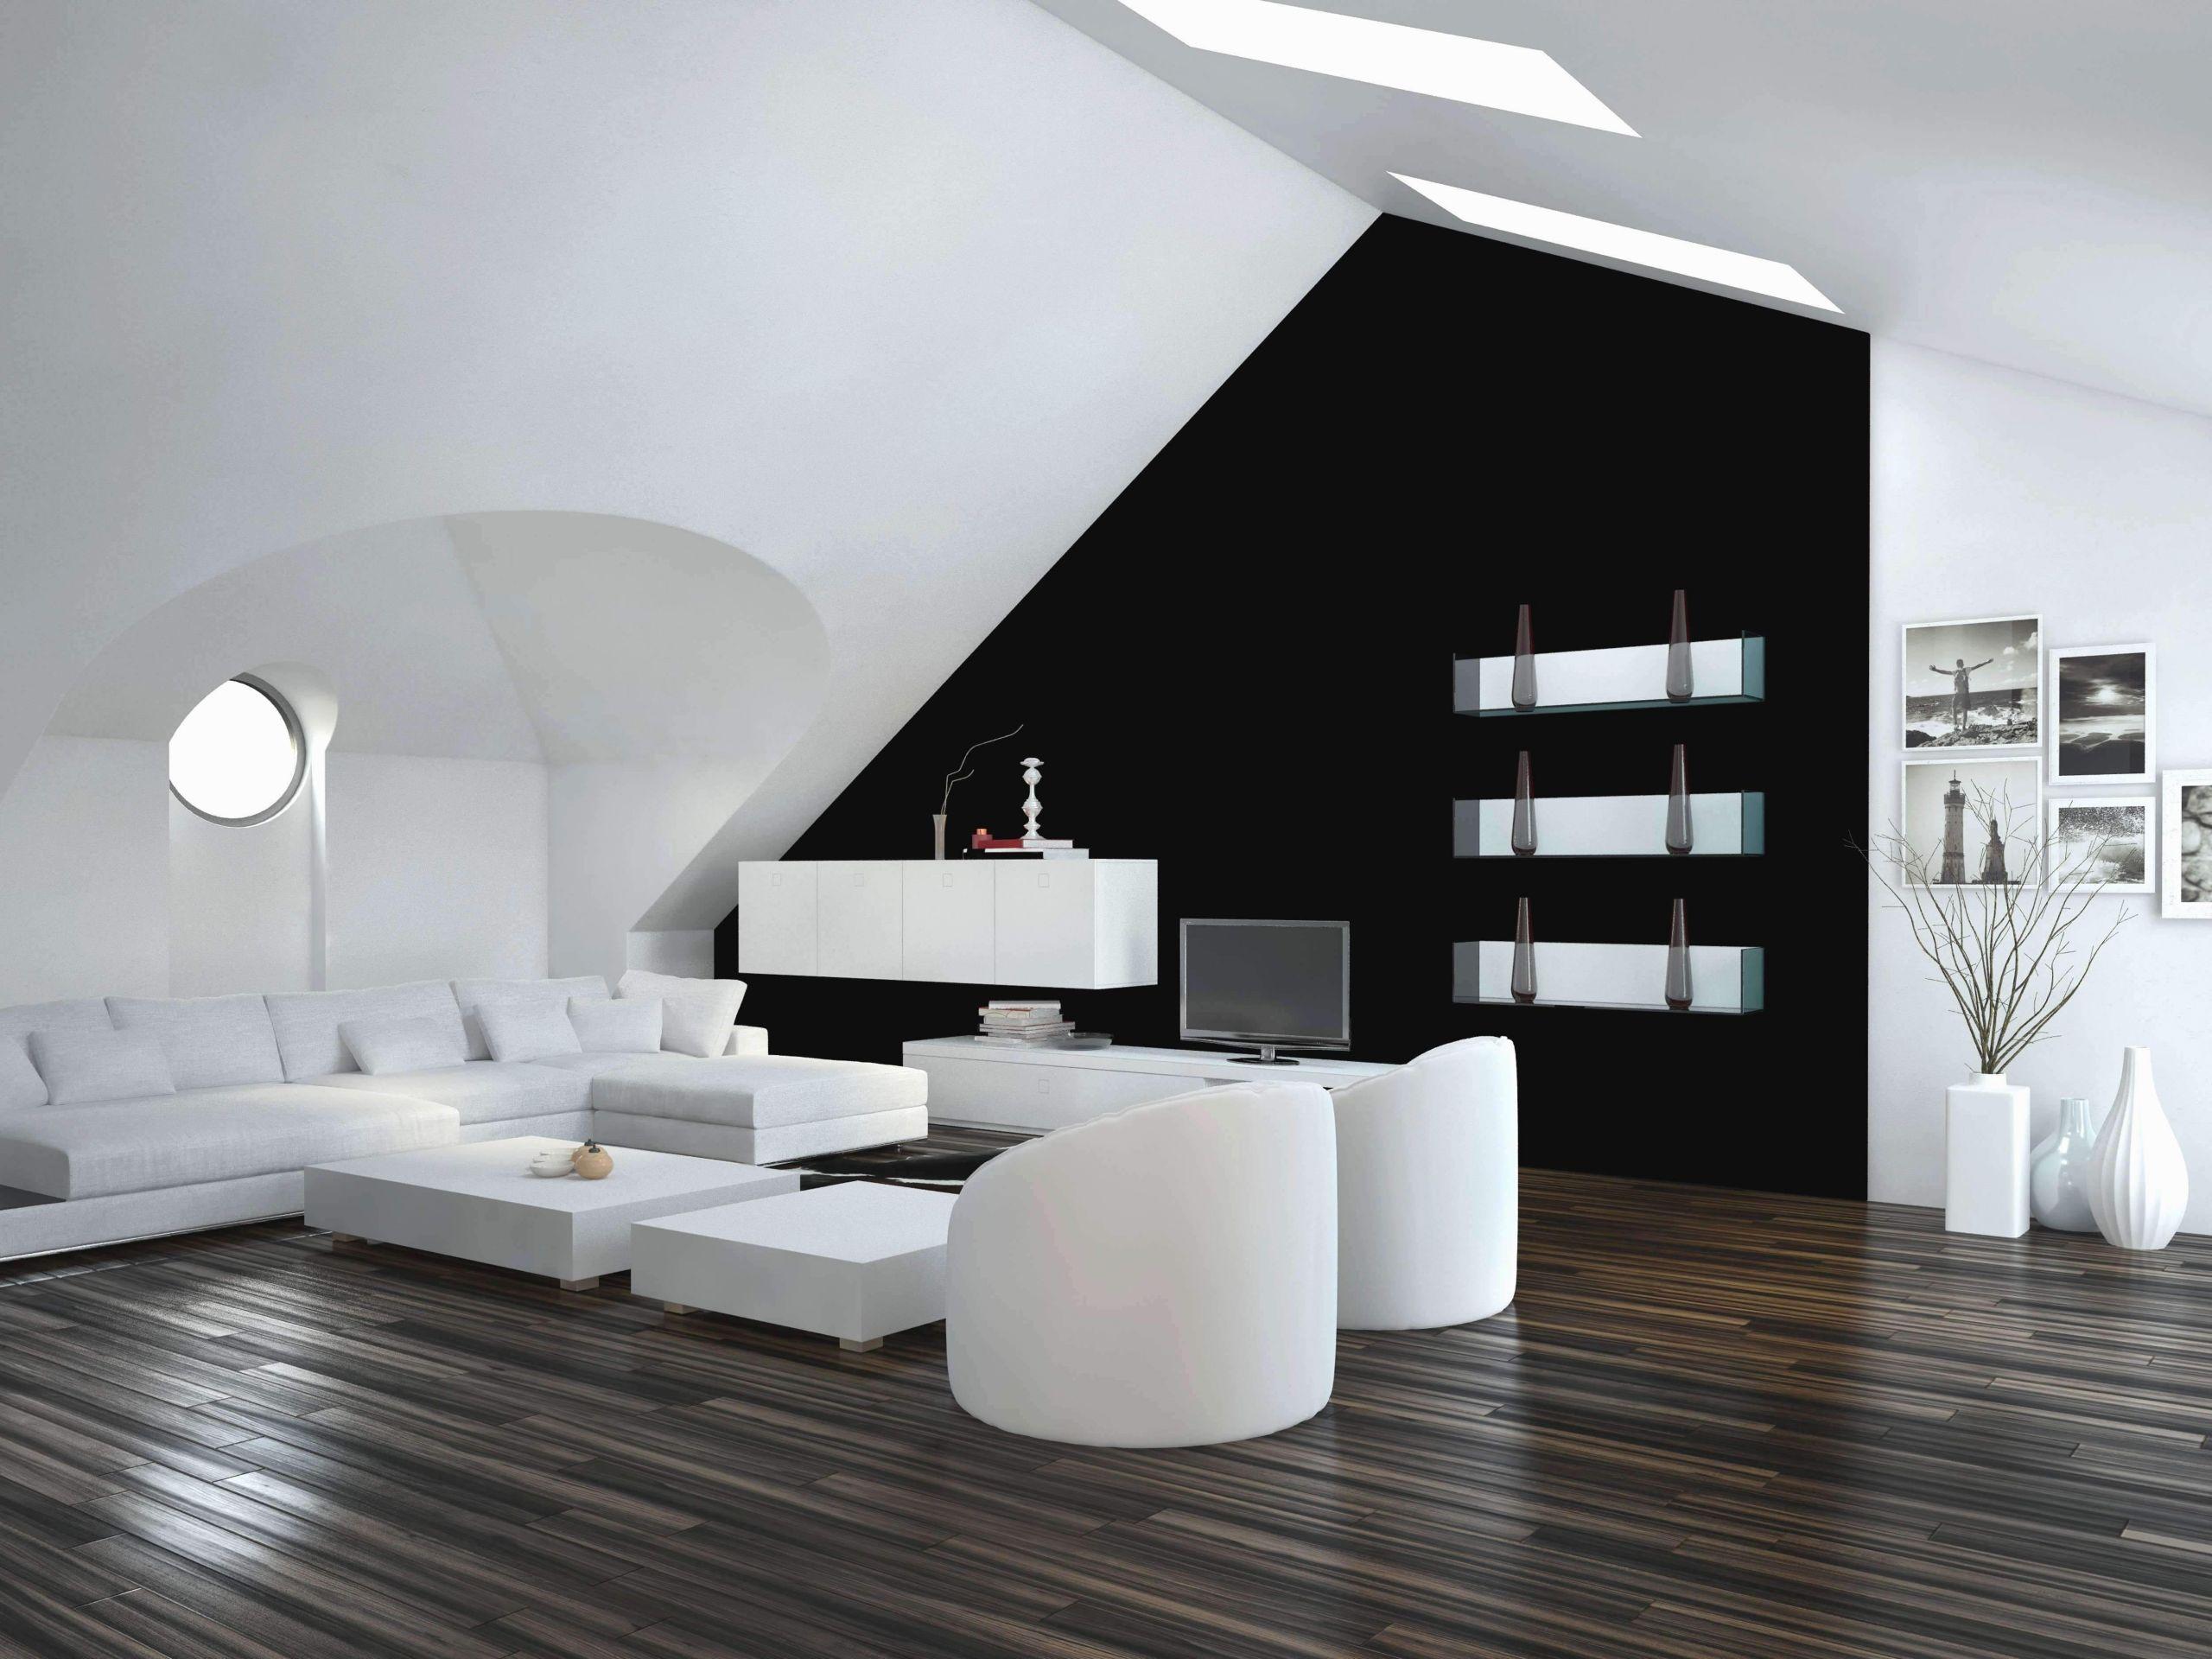 blumen deko wohnzimmer elegant einzigartig dekoration wohnzimmer ideen of blumen deko wohnzimmer